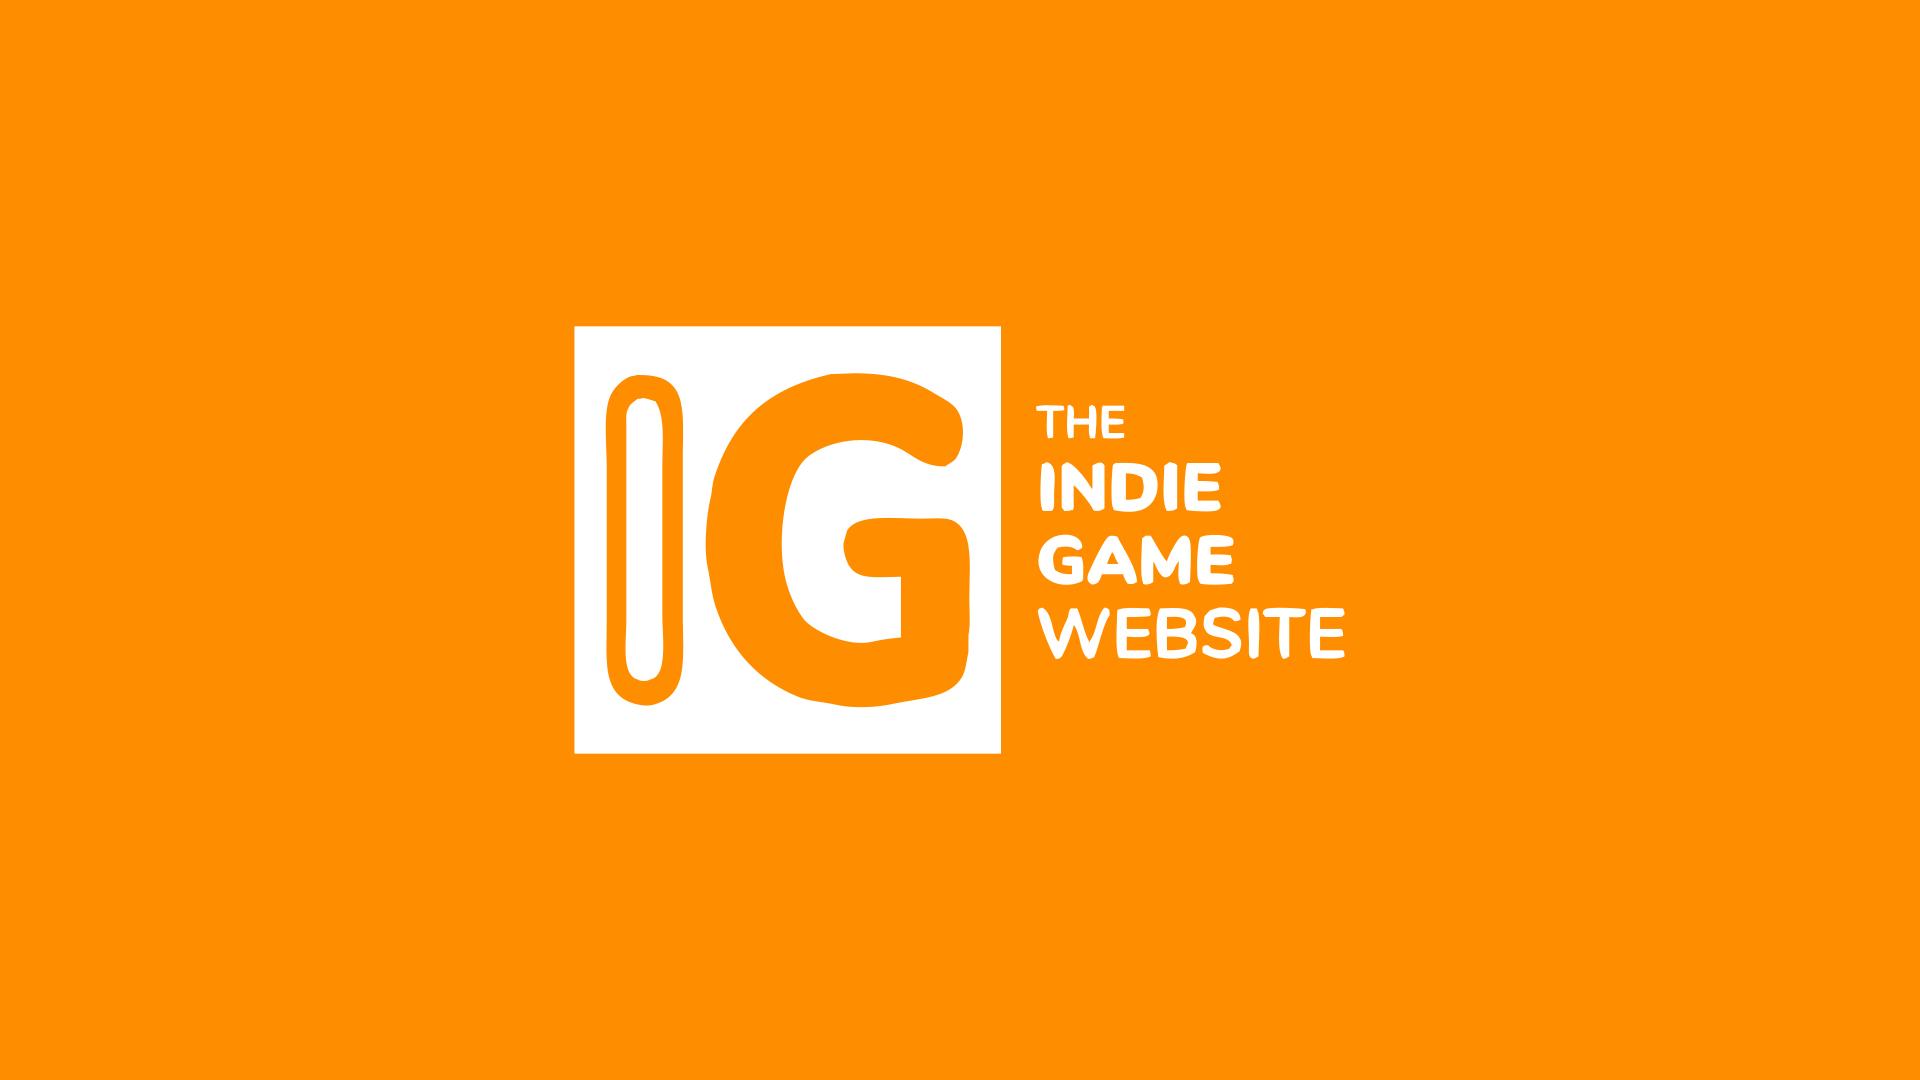 The-Indie-Game-Website